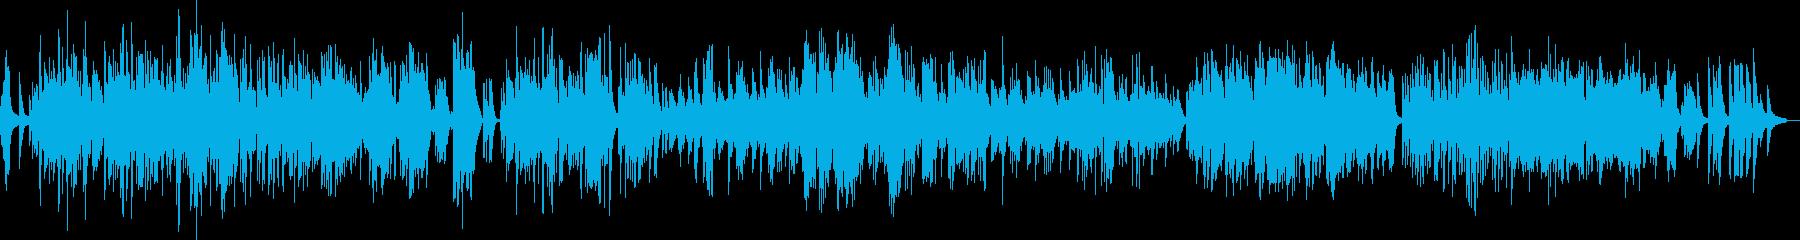 ショパン ノクターン Op61-No1の再生済みの波形